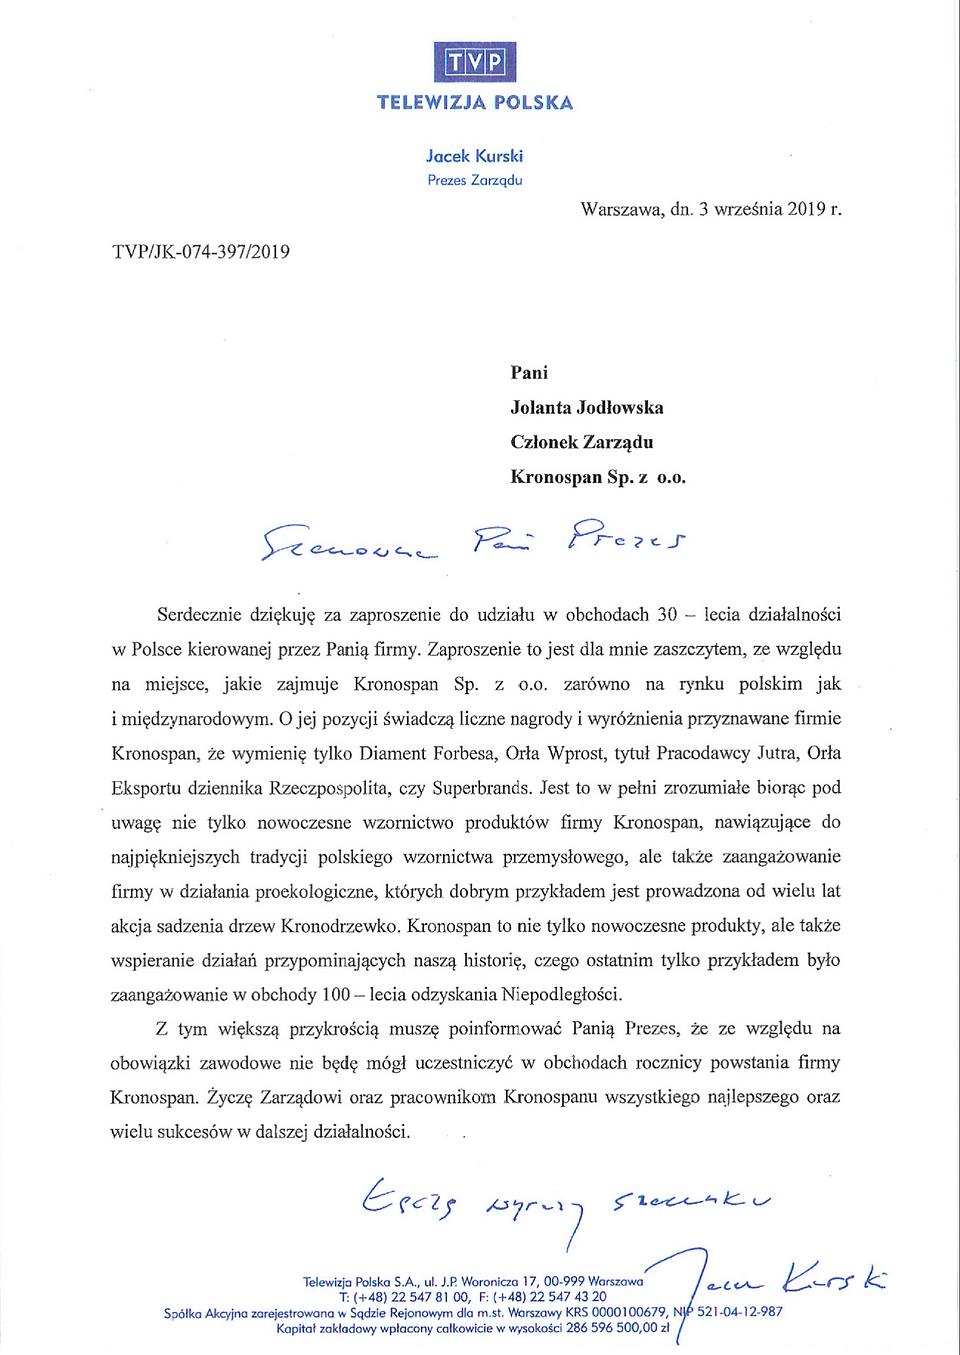 TVP_Prezes_odpowiedz_do_zarzadu_Kronospanu2.jpg.png